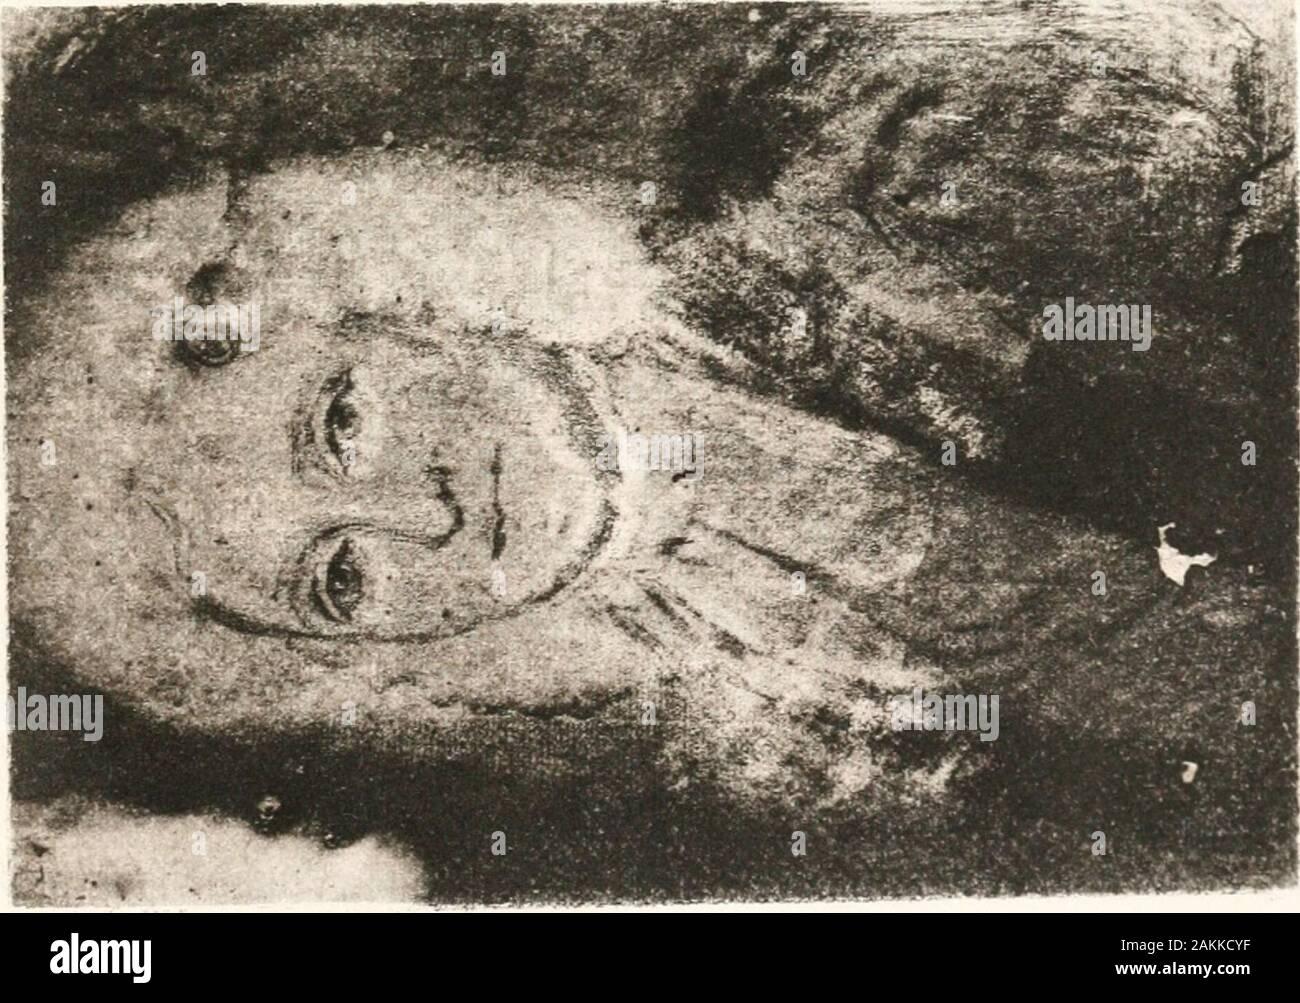 Los fundadores; retratos de personas nacidas en el extranjero que llegaron a las colonias en América del Norte antes del año 1701, con una introducción, Esbozos Biográficos y comentarios sobre los retratos . 1-1< K o CD K. (30 IPOBUC UBRARTi Foto de stock